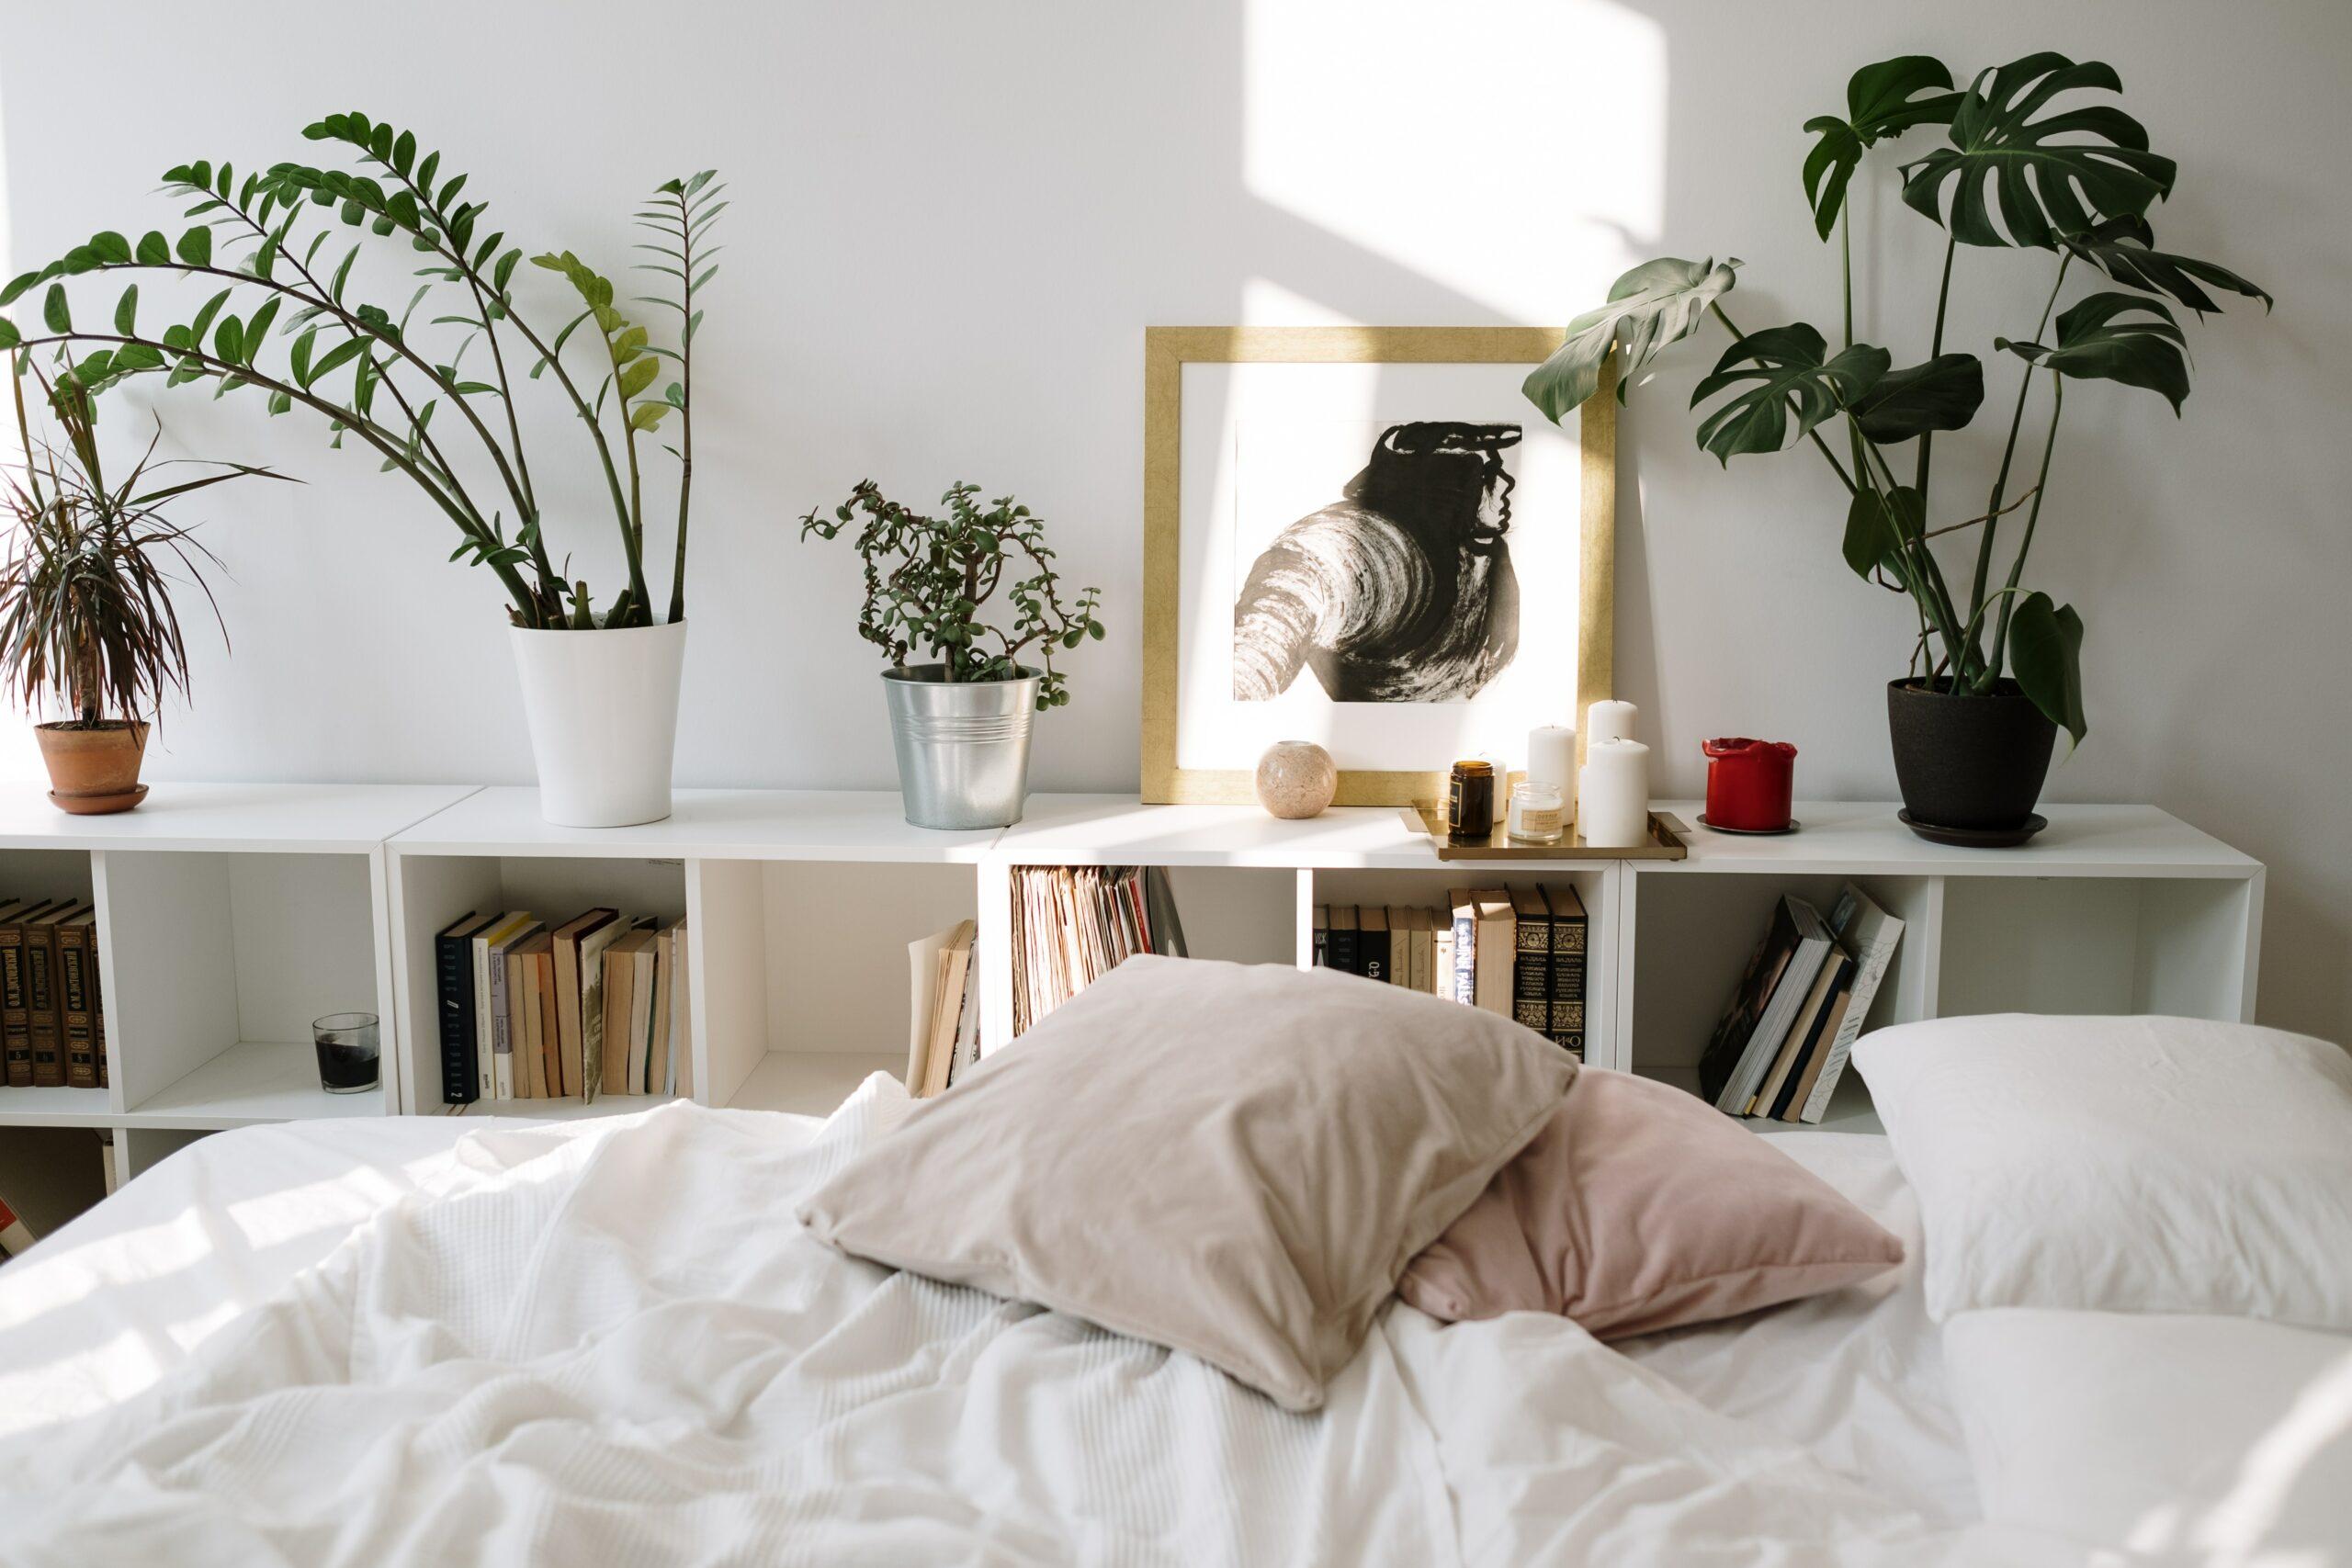 Planten op de slaapkamer: goed idee?